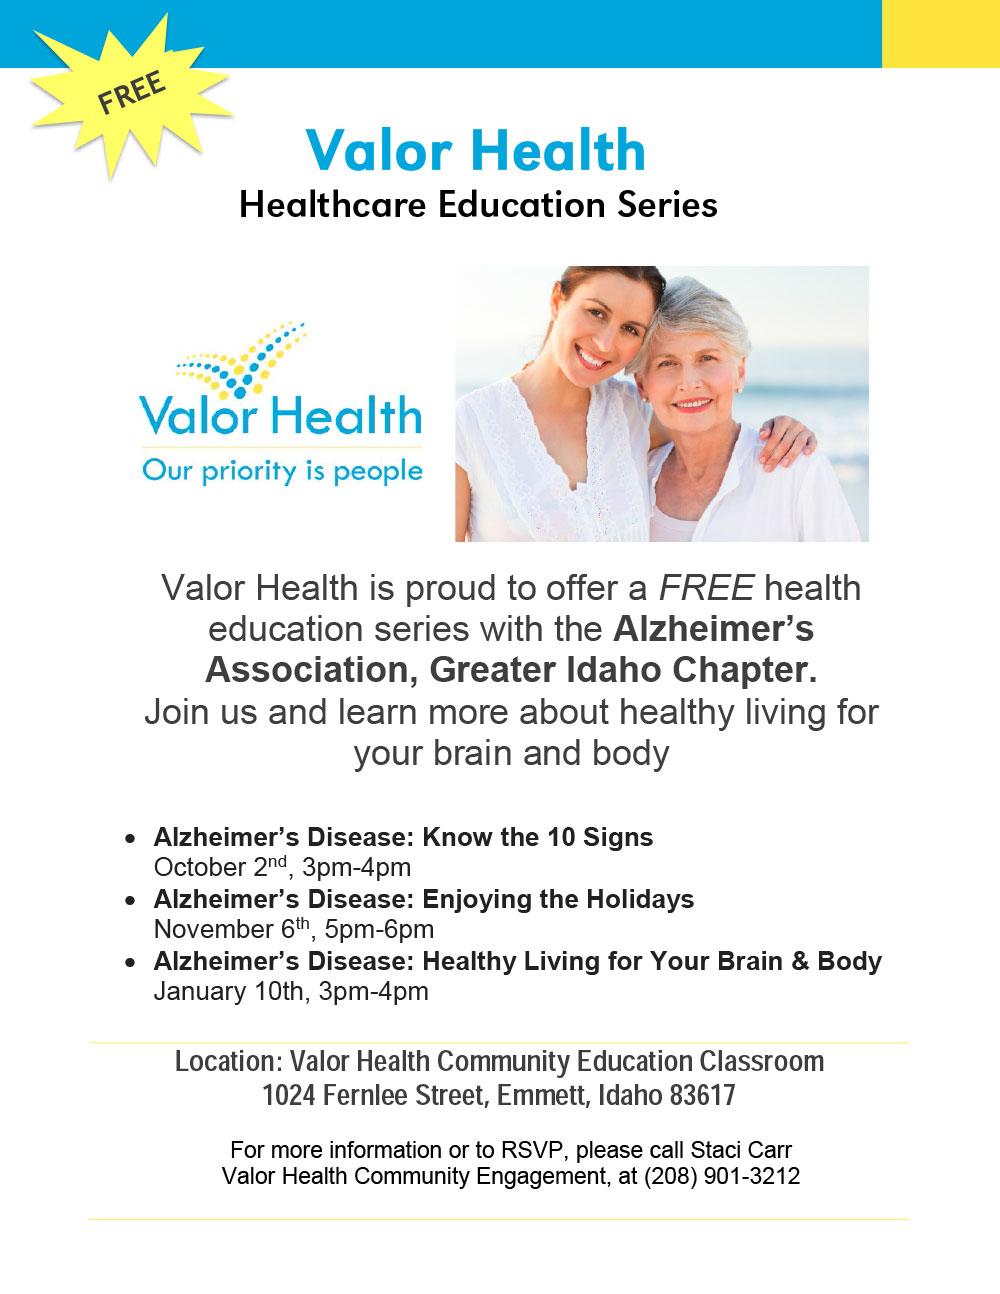 Alzheimer's Disease Class